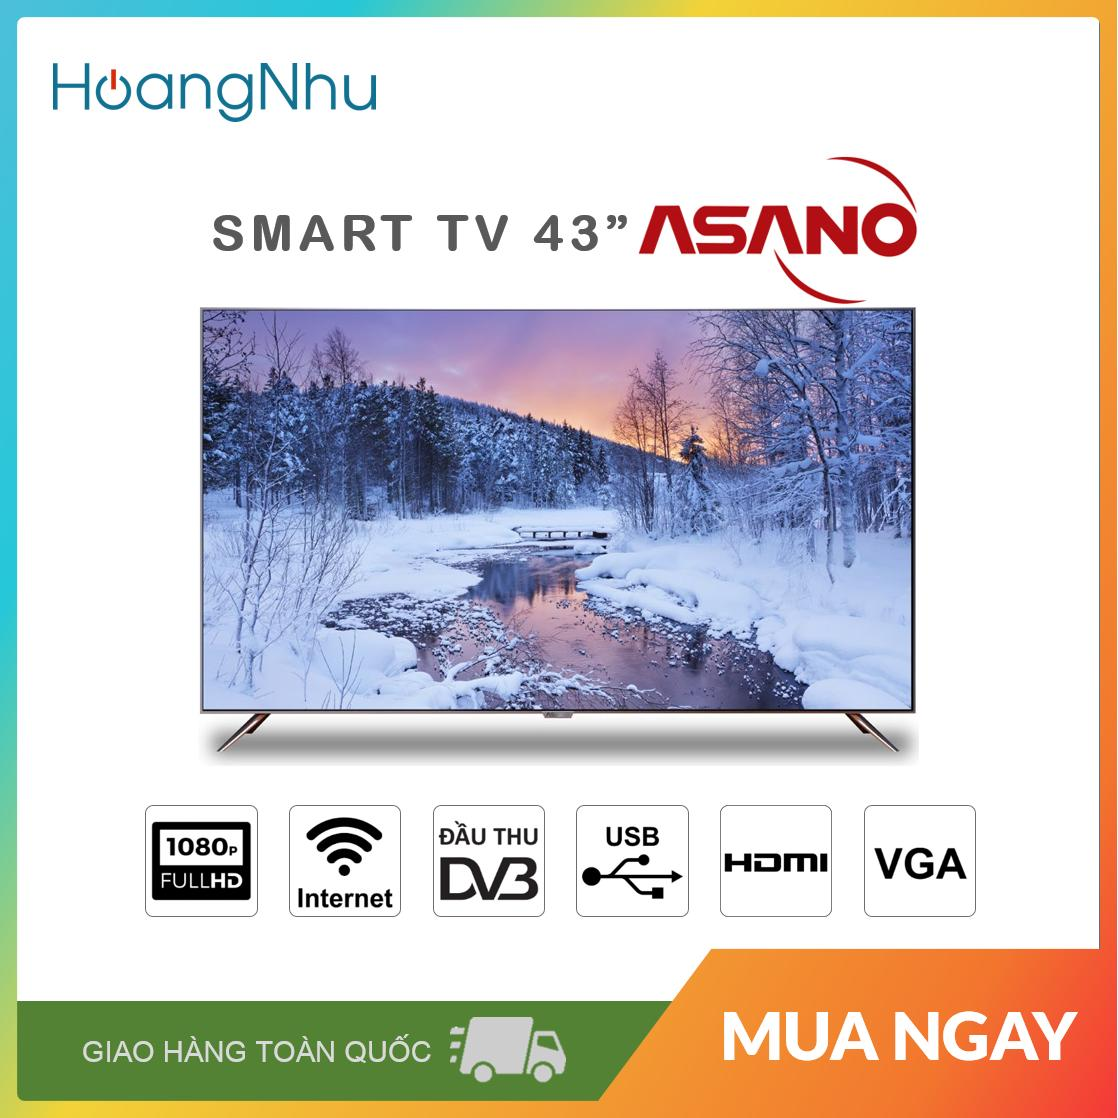 Bảng giá Smart TV Asano 43 inch 43EK3 (Full HD, Hệ điều hành Android, Wifi, truyền hình KTS) - Bảo hành toàn quốc 2 năm